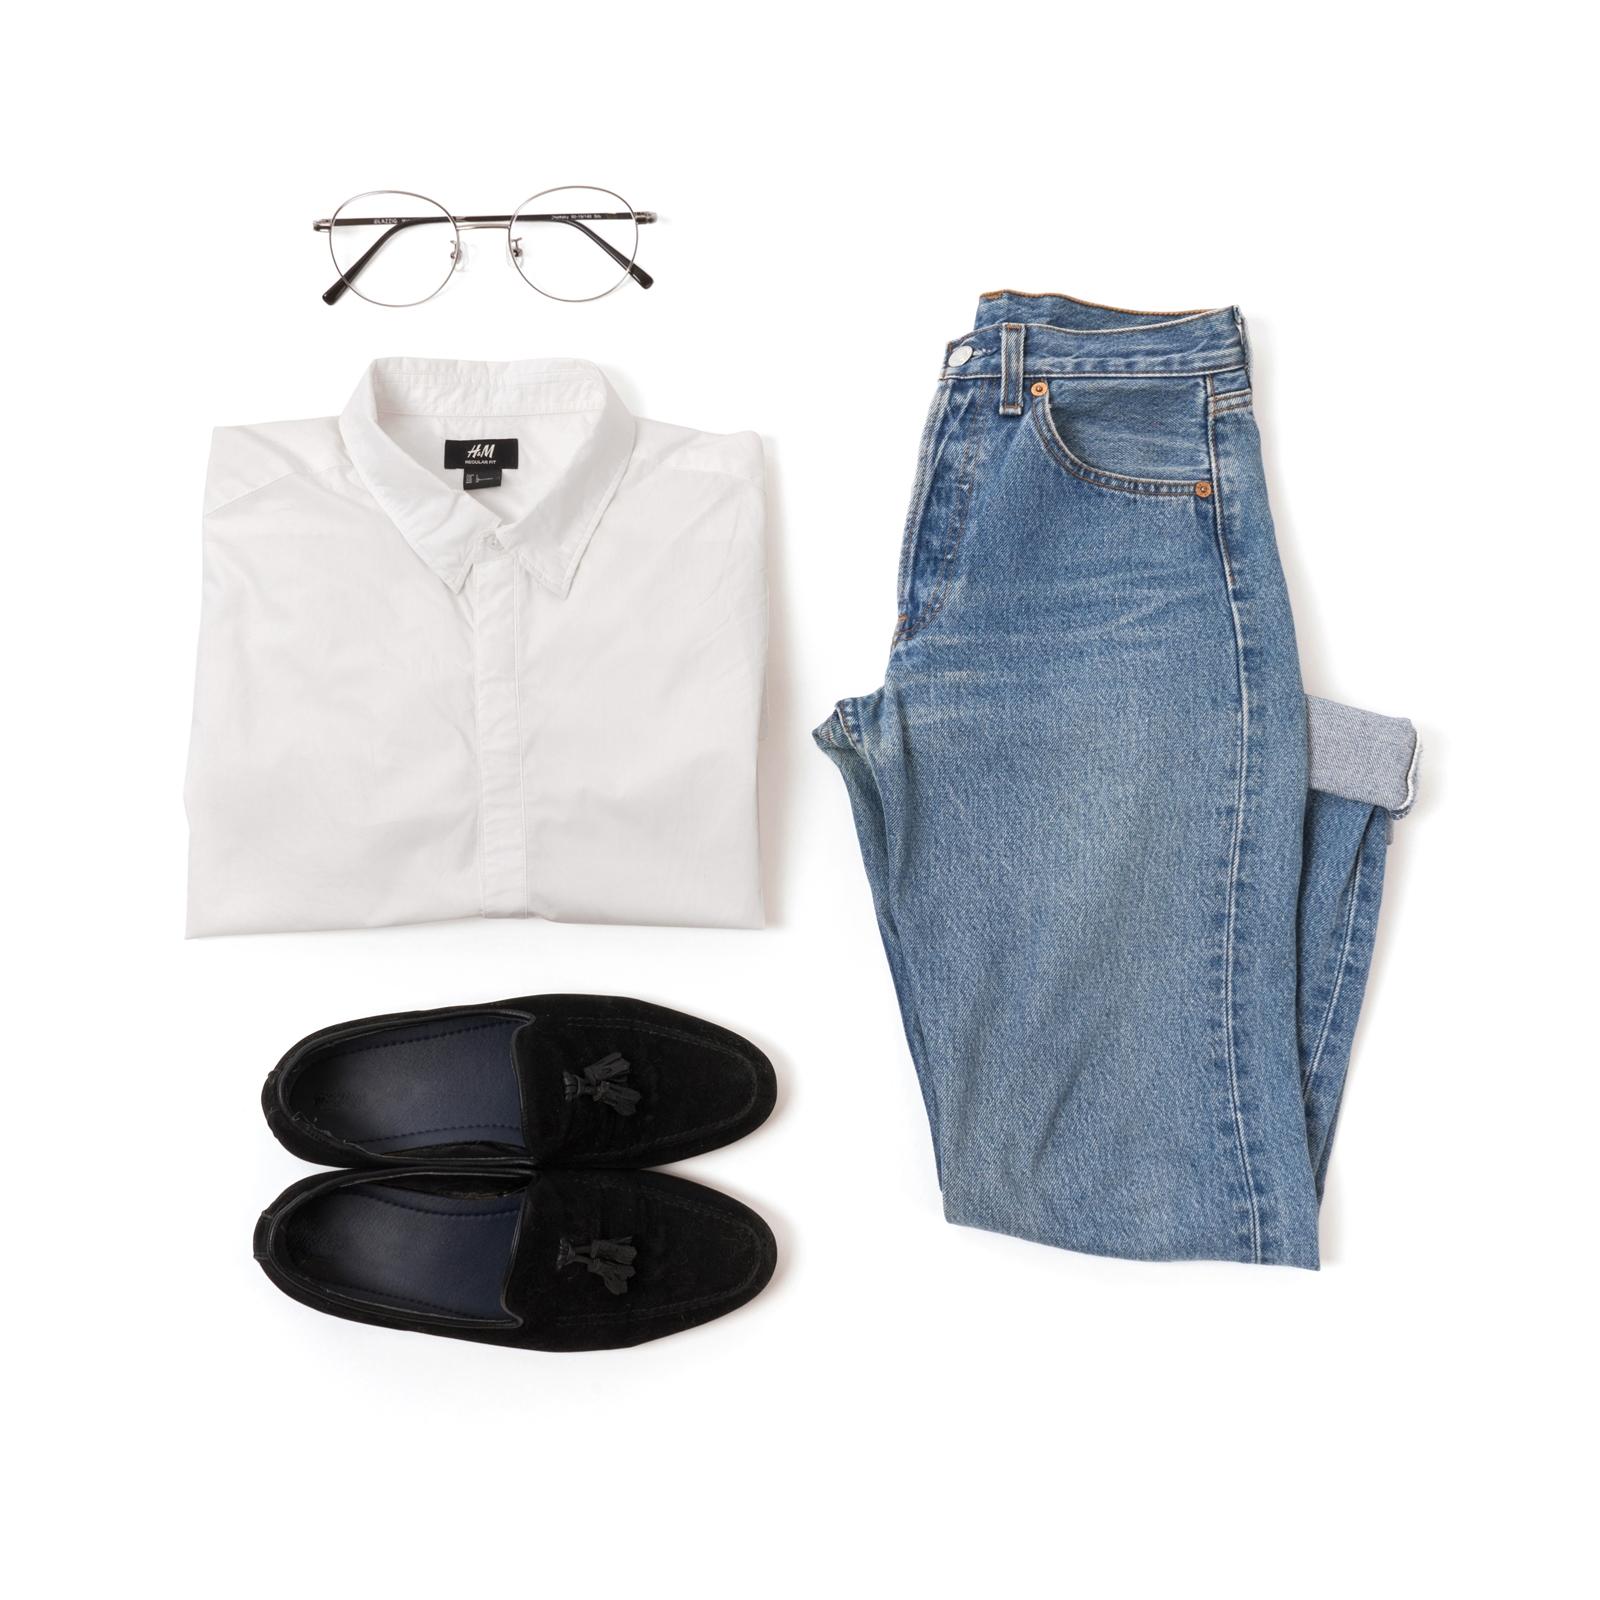 1. Cool Nerd Style (1)